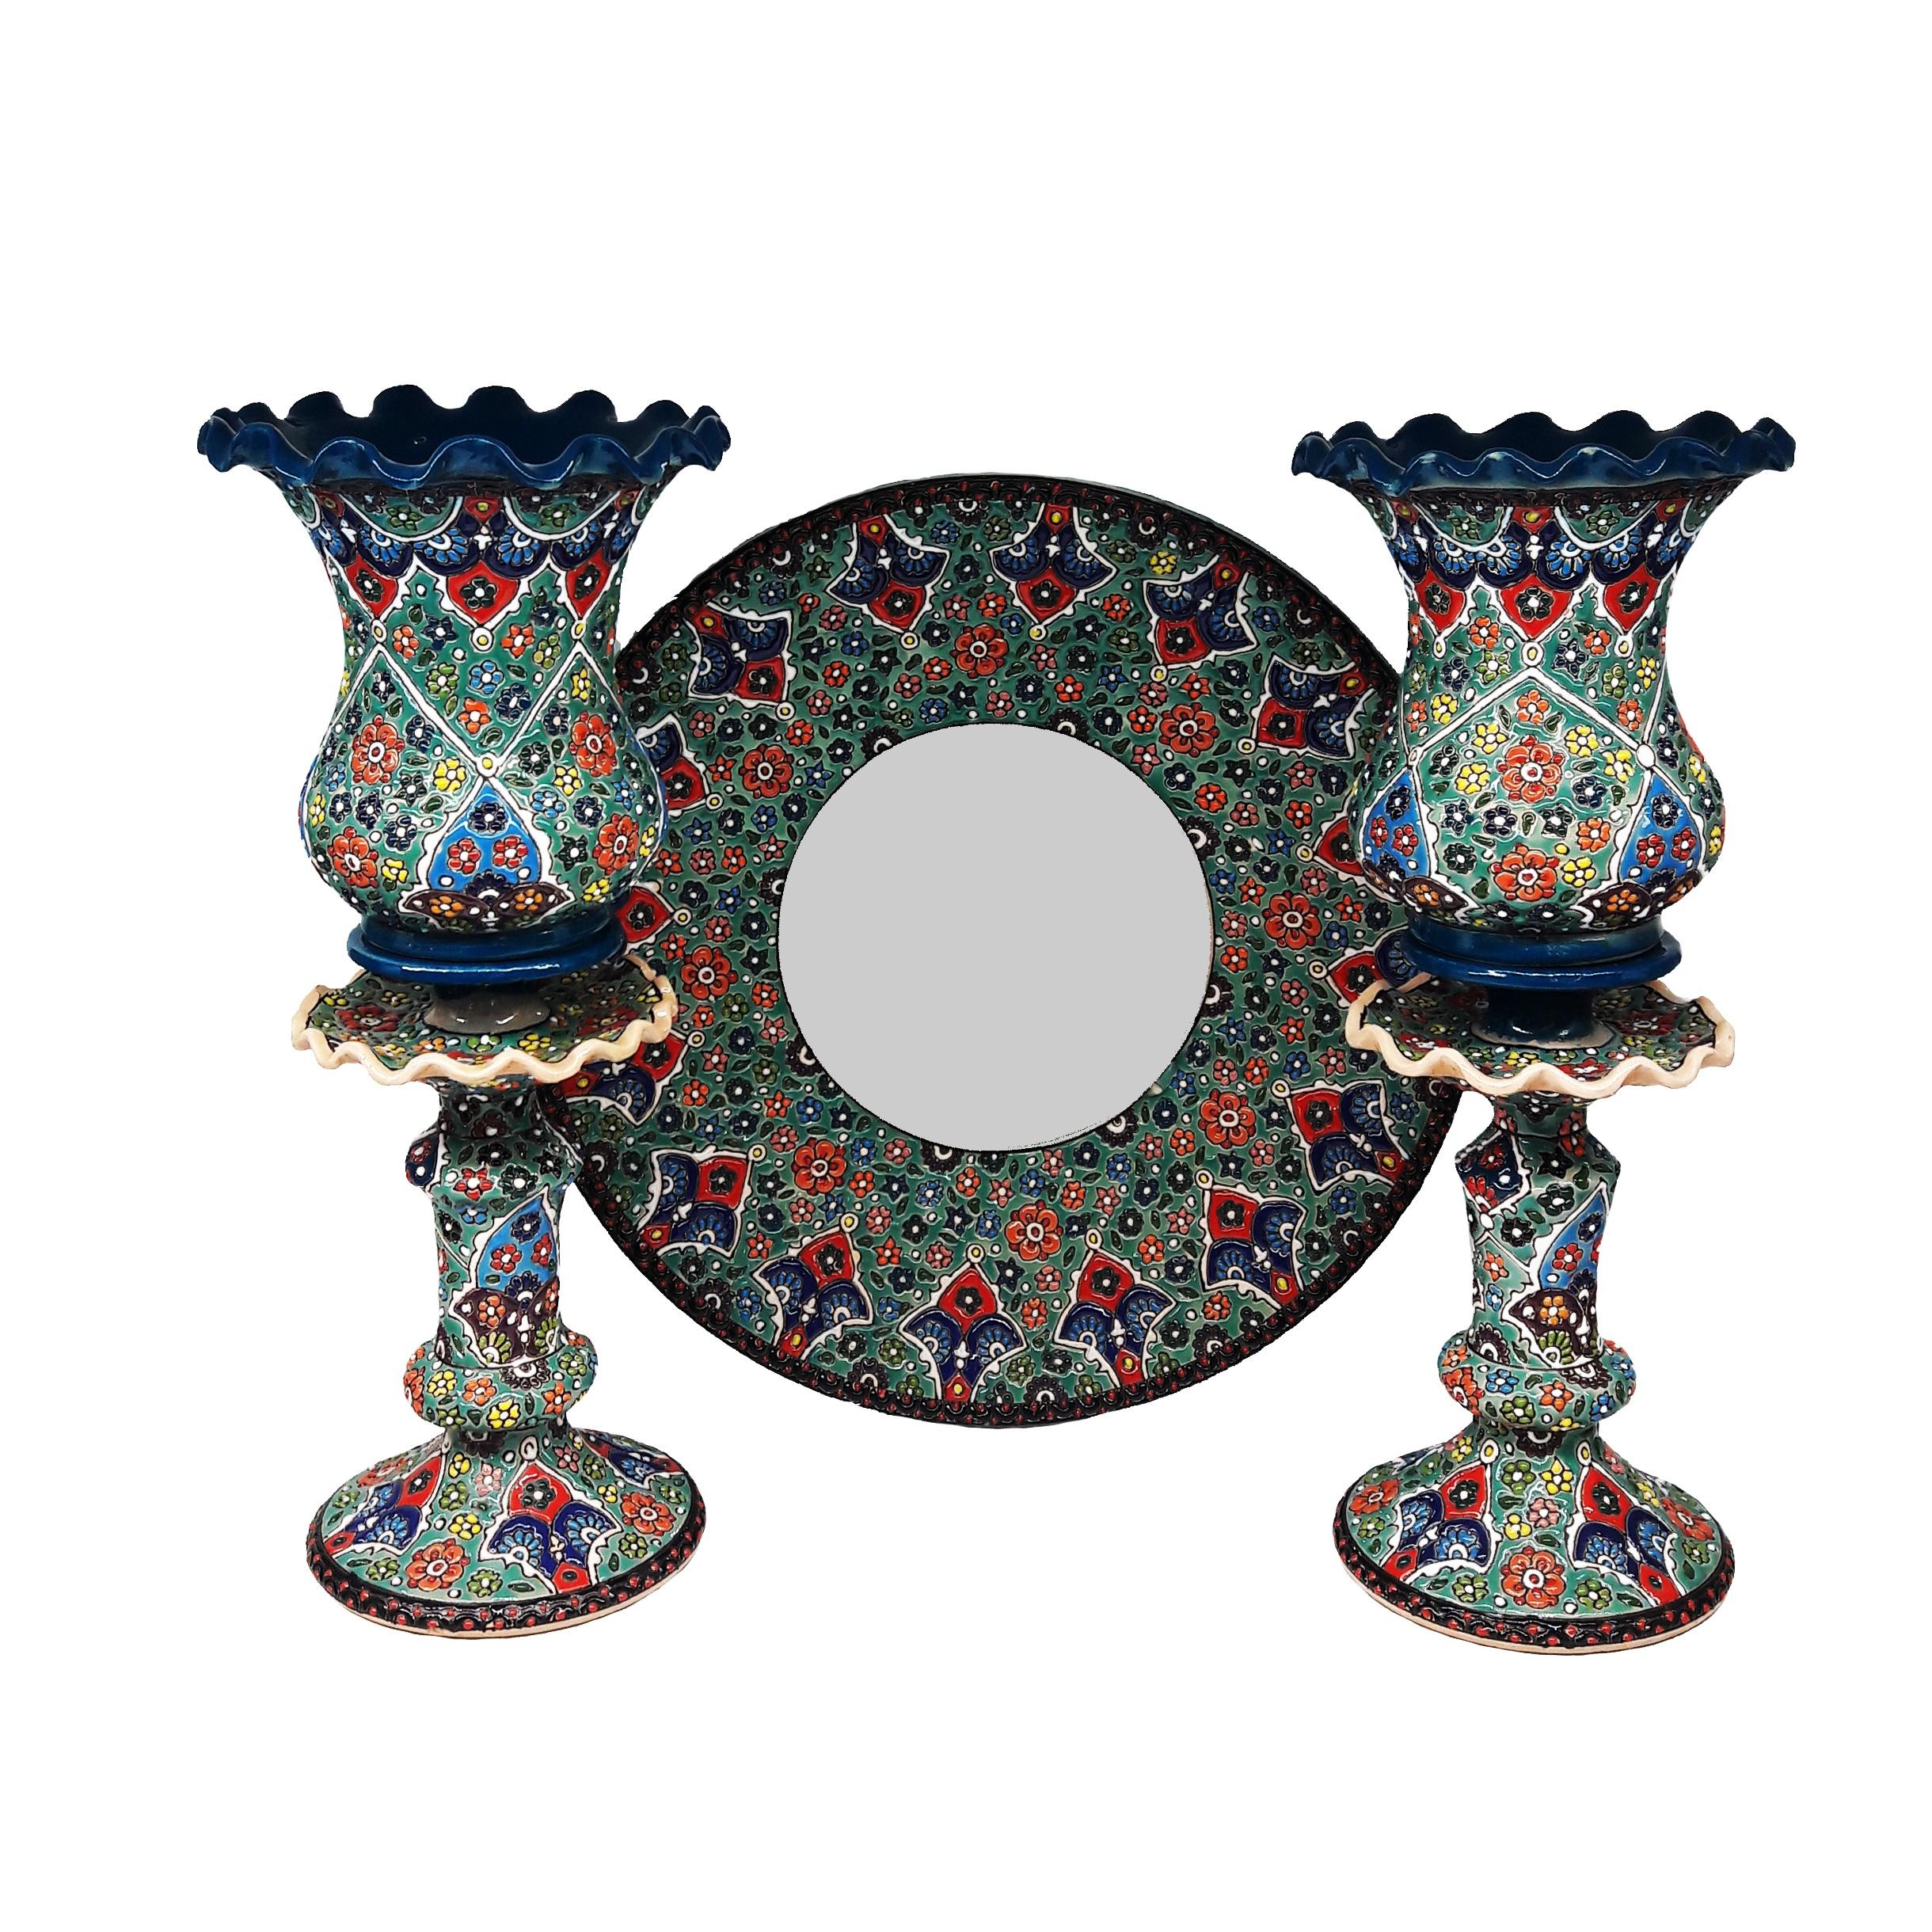 ست آینه و شمعدان میناکاری کد ۵۶ مجموعه ۳ عددی